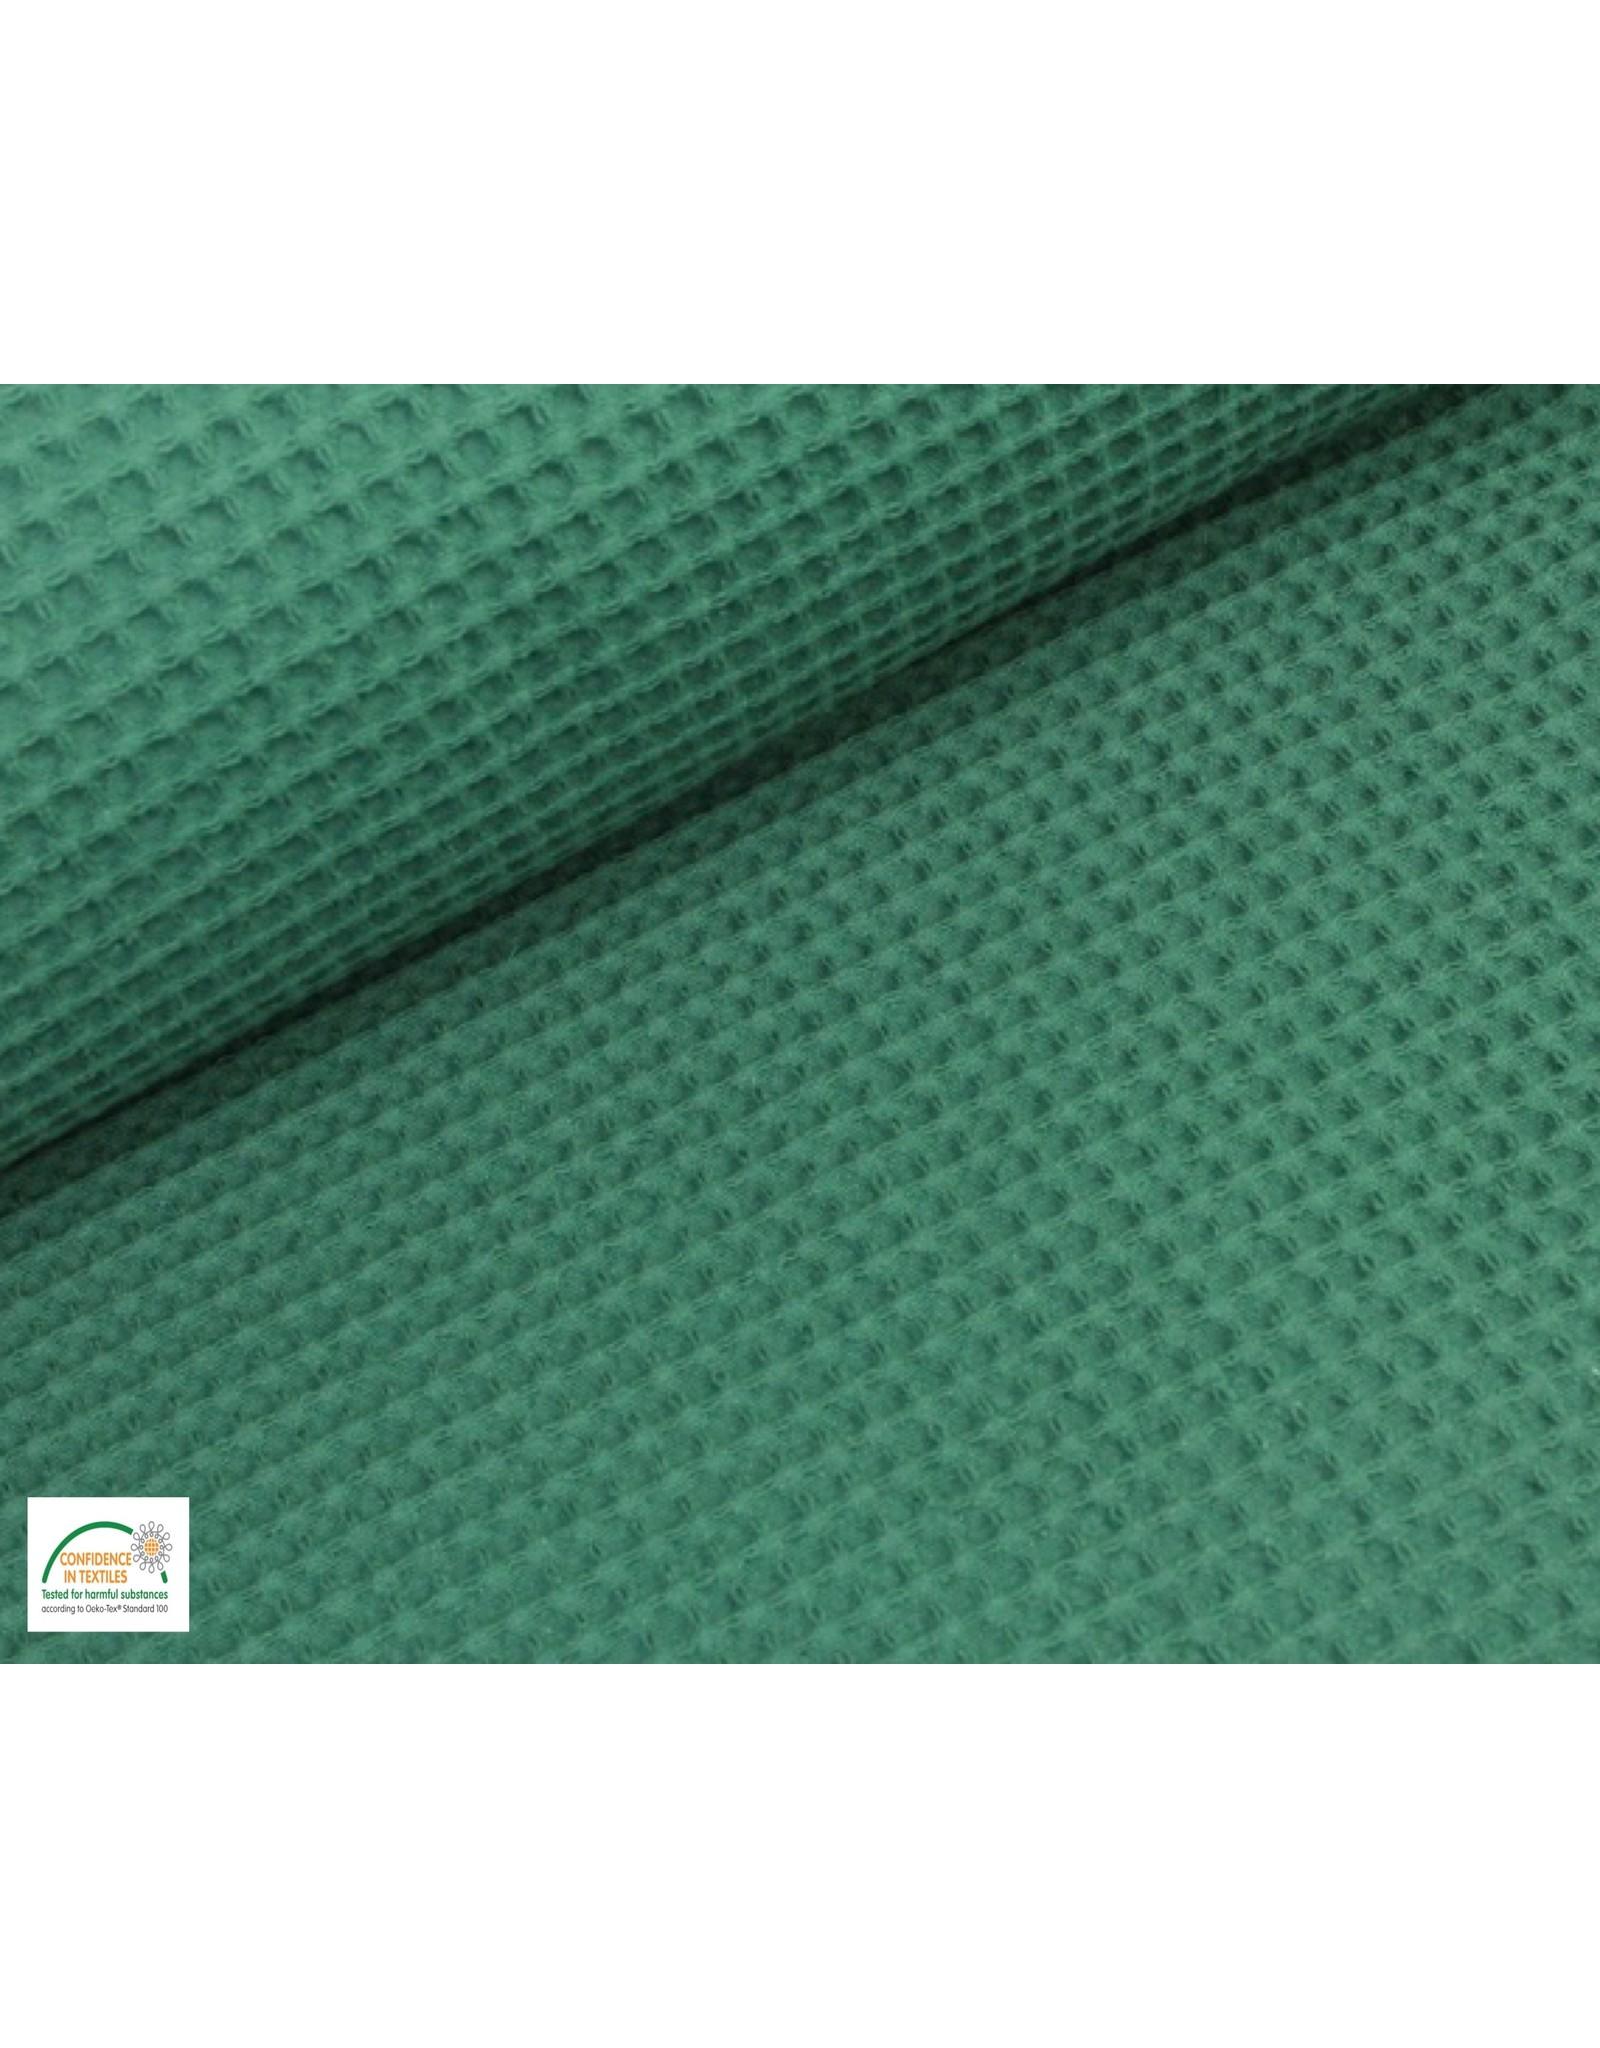 Wafelkatoen Emerald Jade